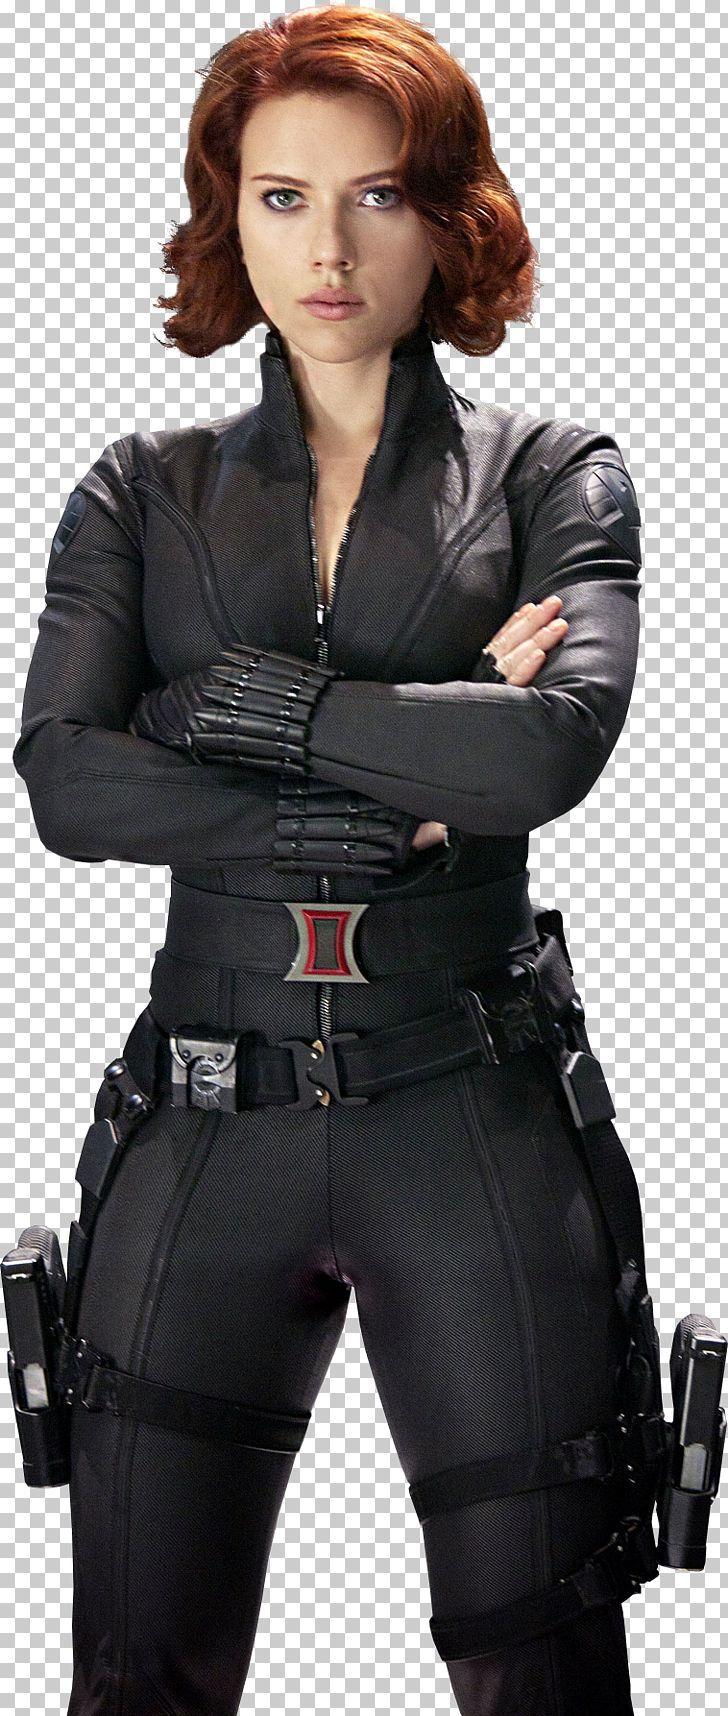 Scarlett Johansson Black Widow The Avengers Cosplay Costume Png Black Widow Cosplay Black Widow Black Widow Marvel